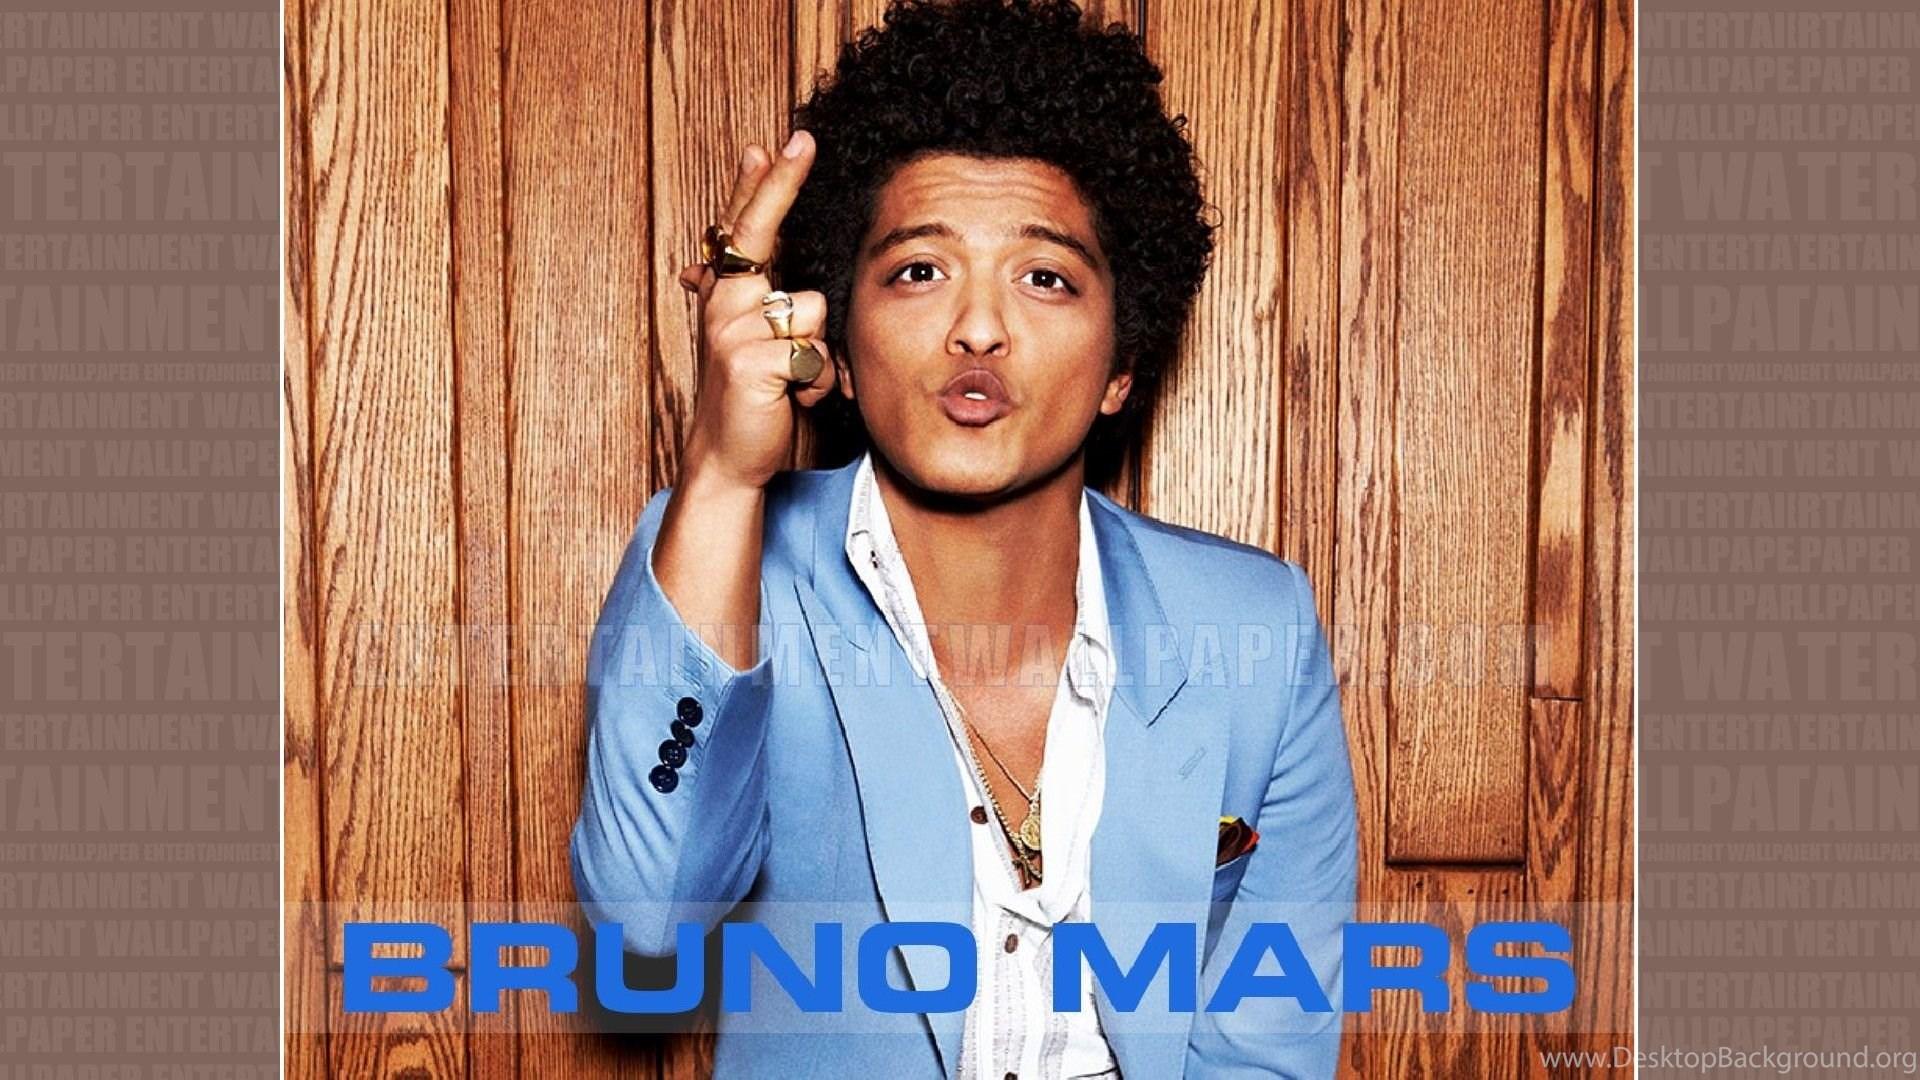 Bruno Mars Wallpapers Desktop Background